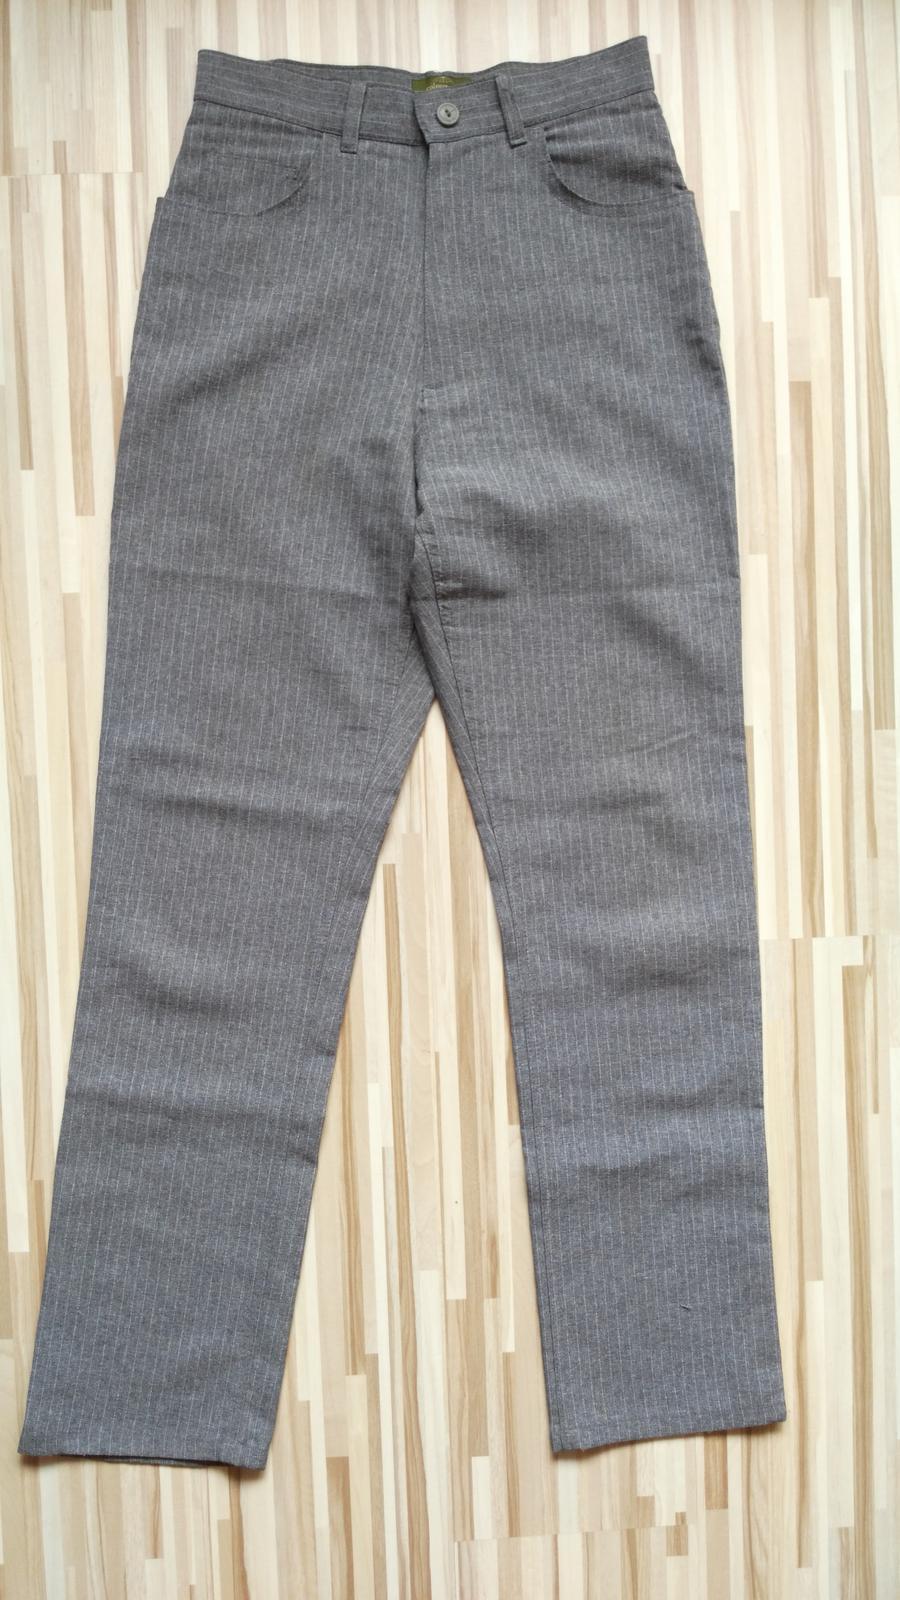 Šedé elegantné nohavice s pásikmi 36/S - Obrázok č. 1